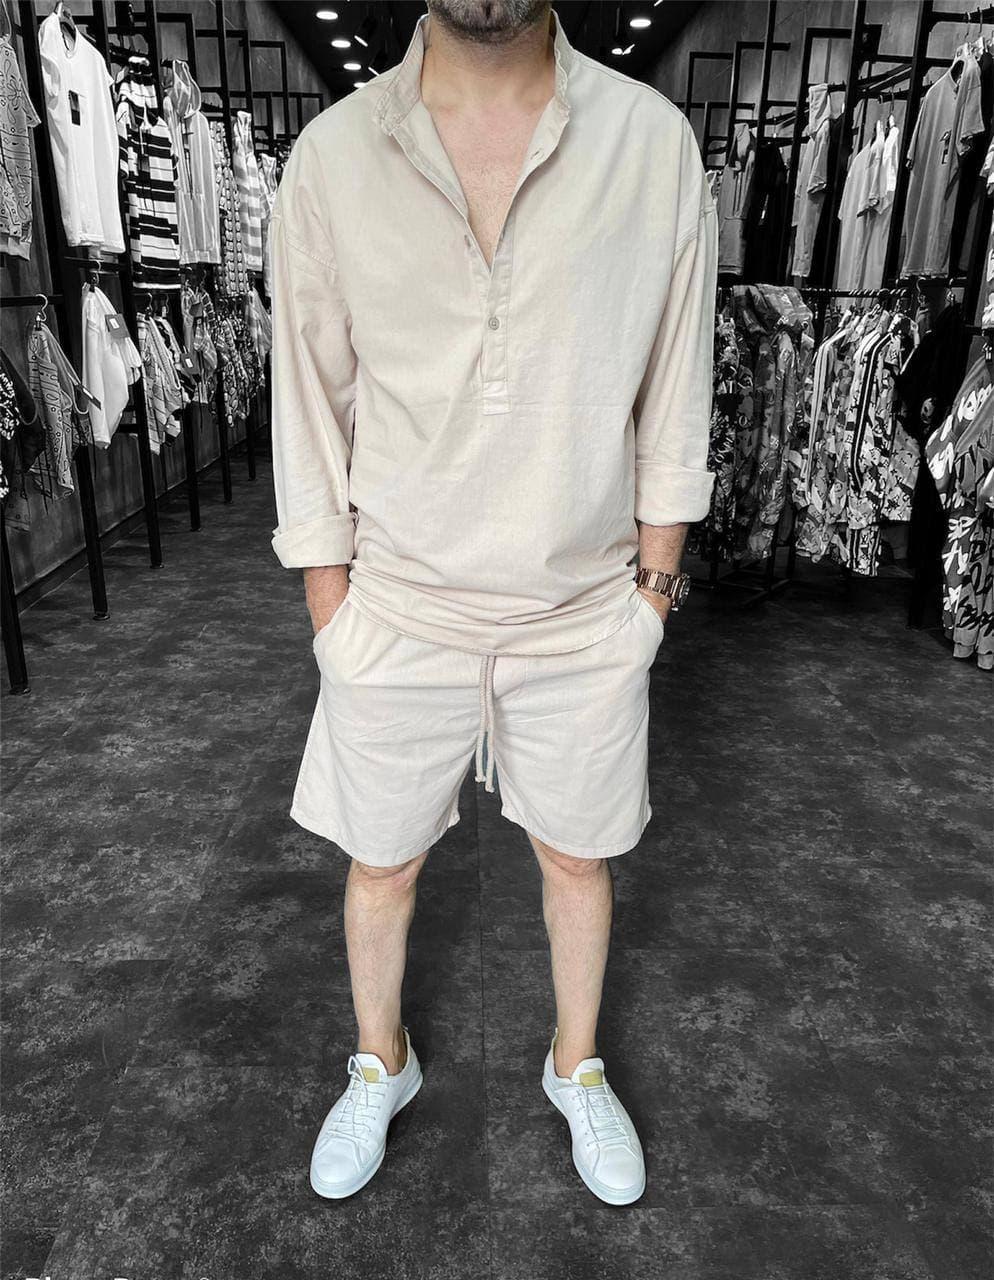 Чоловічий комплект шорти + сорочка (бежевий) з довгим рукавом костюм a9205